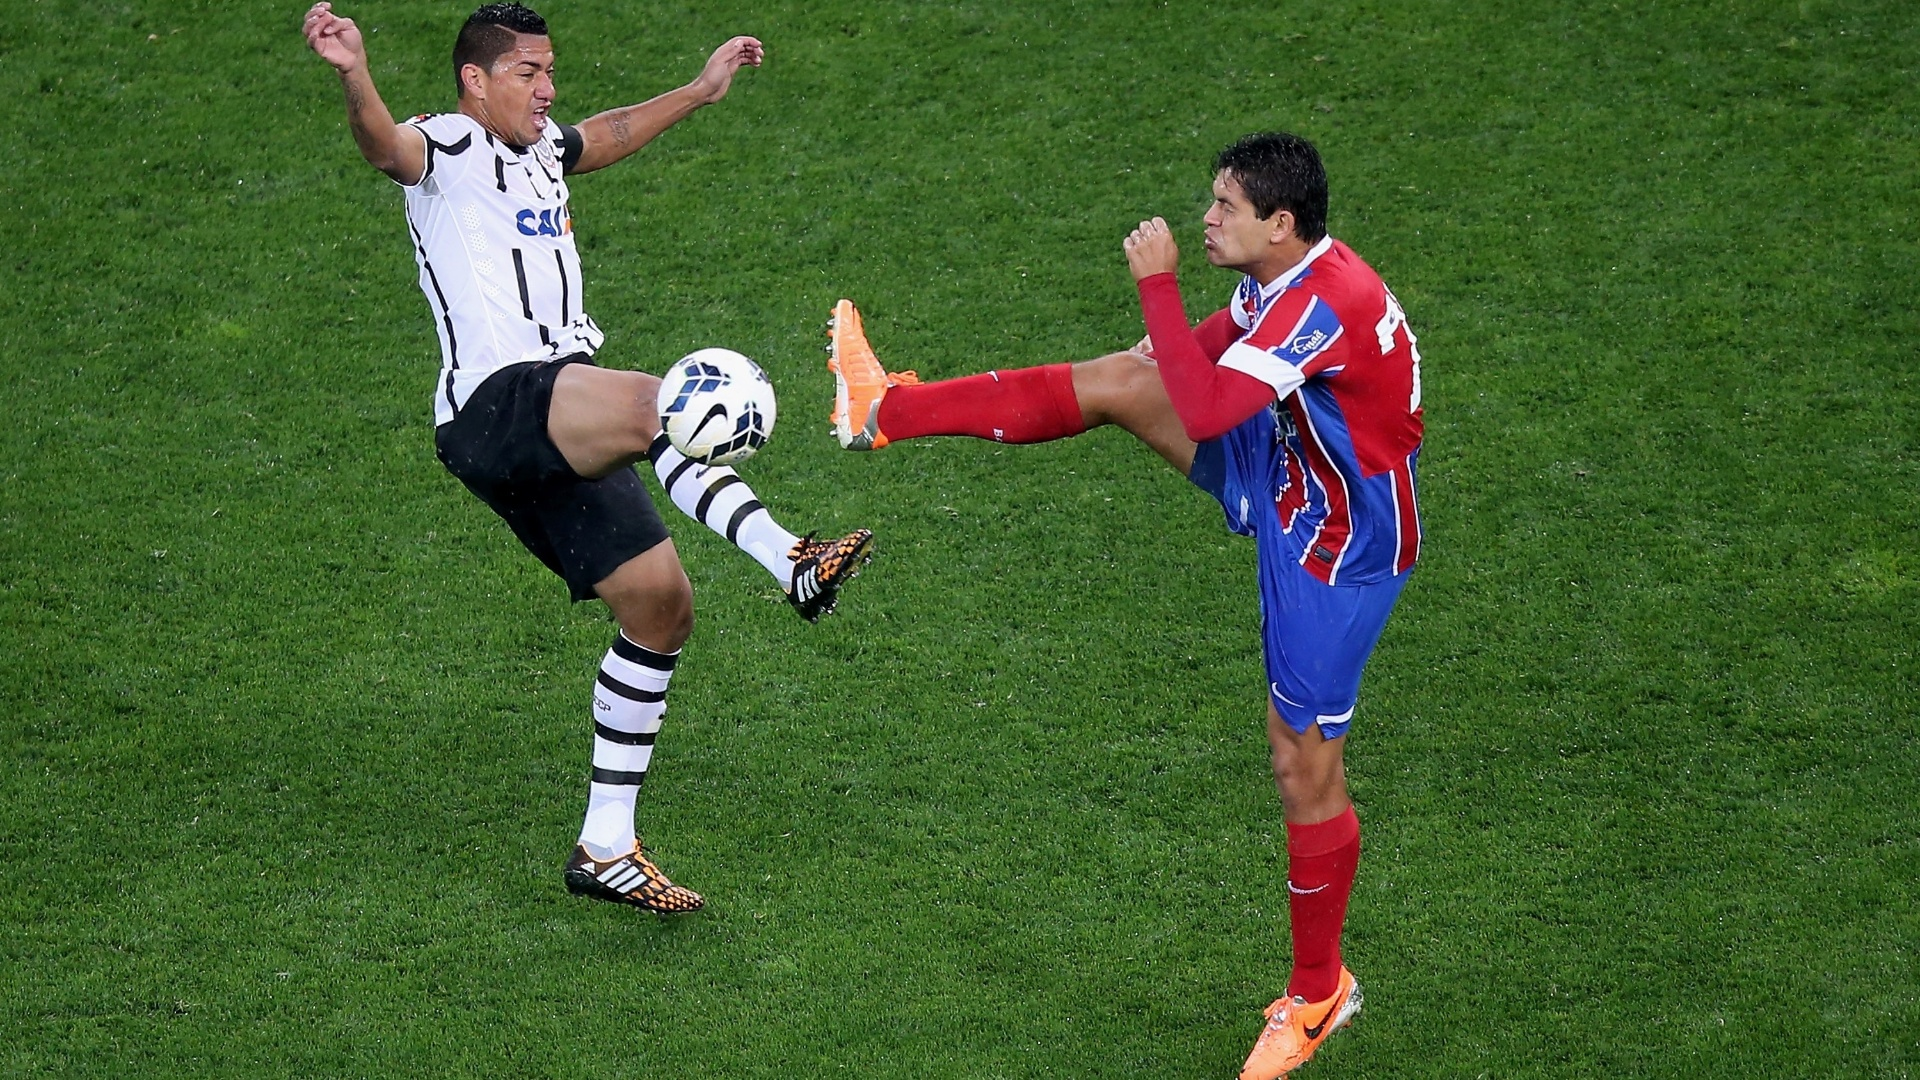 16.ago.2014 - Ralf (e), do Corinthians, disputa a bola com Fahel, do Bahia, durante jogo do Brasileiro